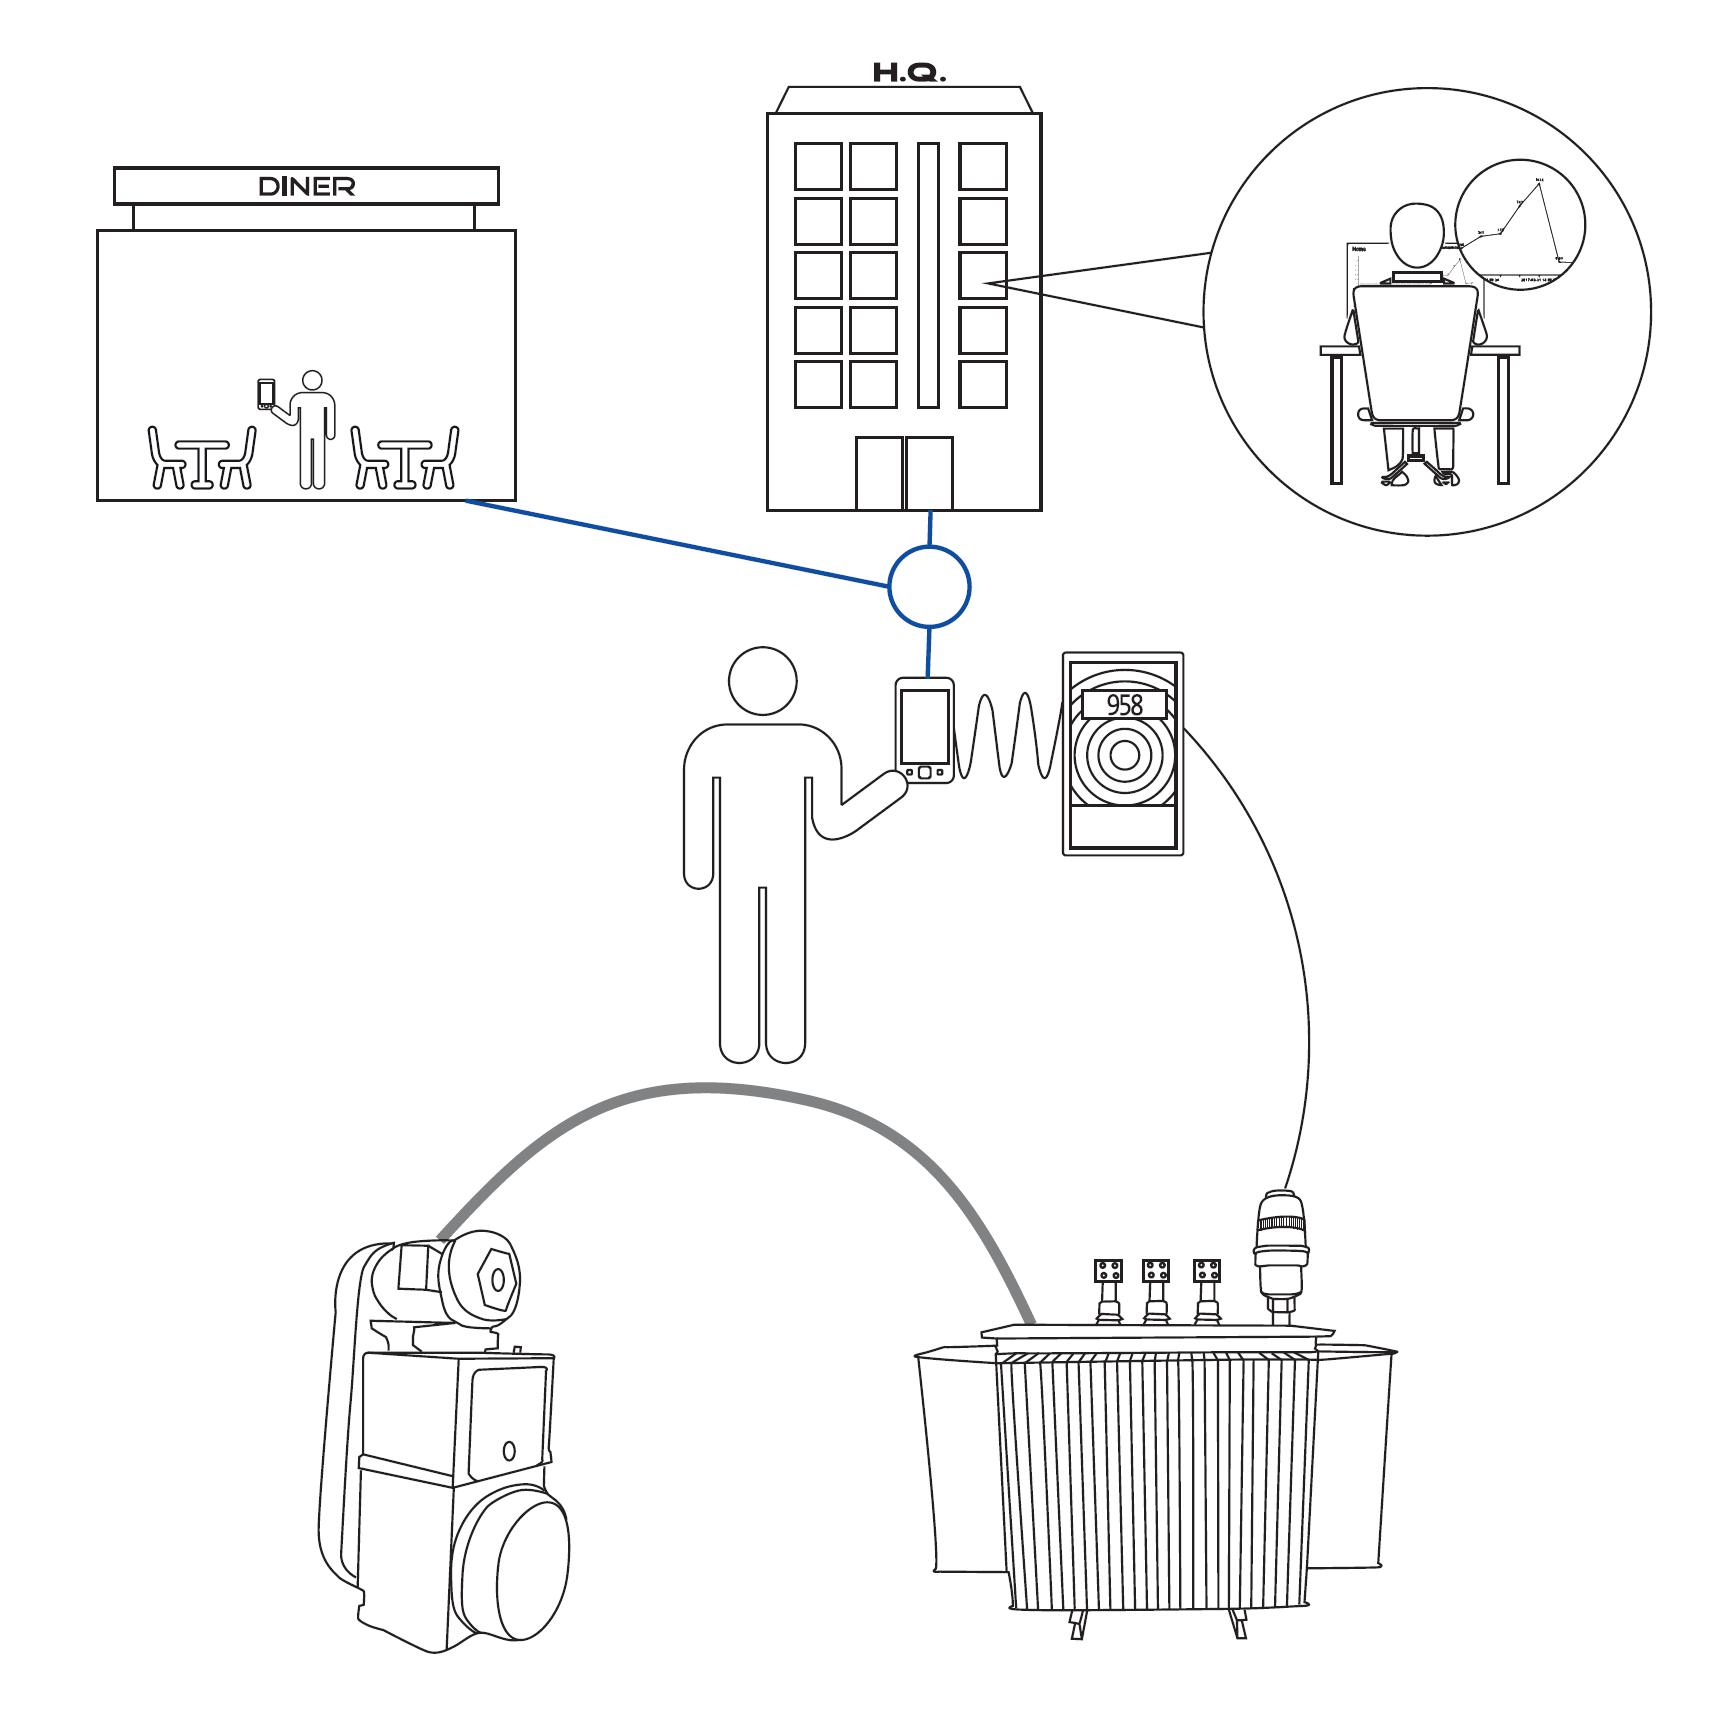 Vacuumnetwork.org Networking Diagram.png